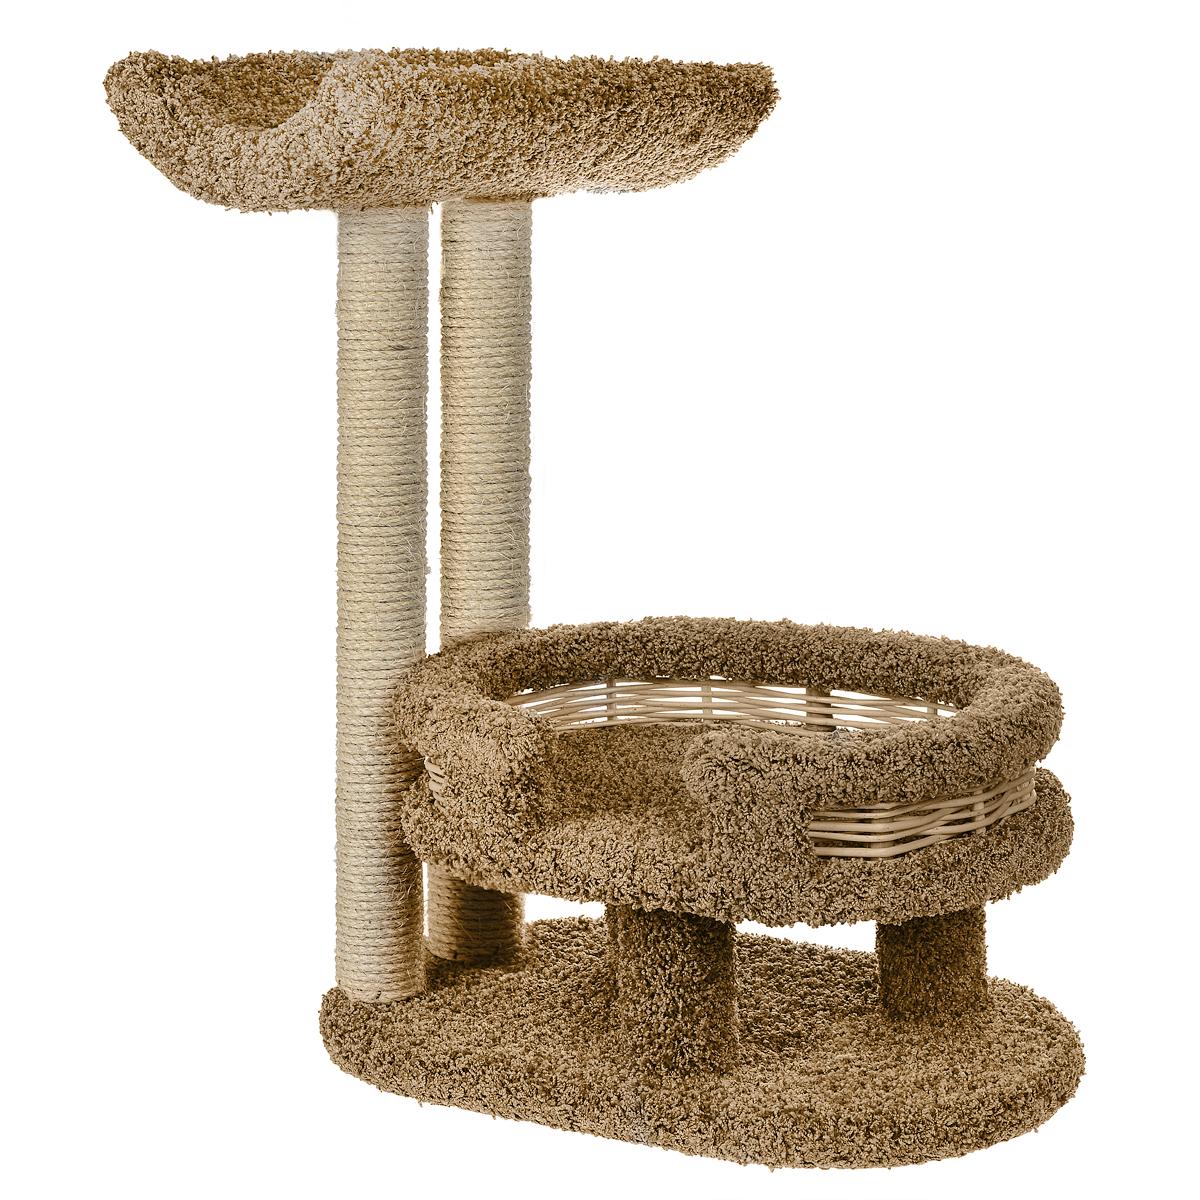 Когтеточка Лежанка с седлом, цвет: бежевый, 45 см х 60 см х 80 смП300446Когтеточка Лежанка с седлом отлично подойдет для котят и взрослых кошек средних размеров. Когтеточка станет не только идеальным местом для подвижных игр вашего любимца, но и местом для отдыха. Благодаря столбикам - когтеточкам, обернутым веревками из сизаля, ваша кошка удовлетворит природную потребность точить когти, что поможет сохранить вашу мебель и ковры. Для приучения любимца к когтеточке можно натереть ее сухой валерьянкой или кошачьей мятой. Оригинальный дизайн лежанки с плетеными бортиками позволит гармонично вписаться когтеточке в интерьер вашей квартиры.